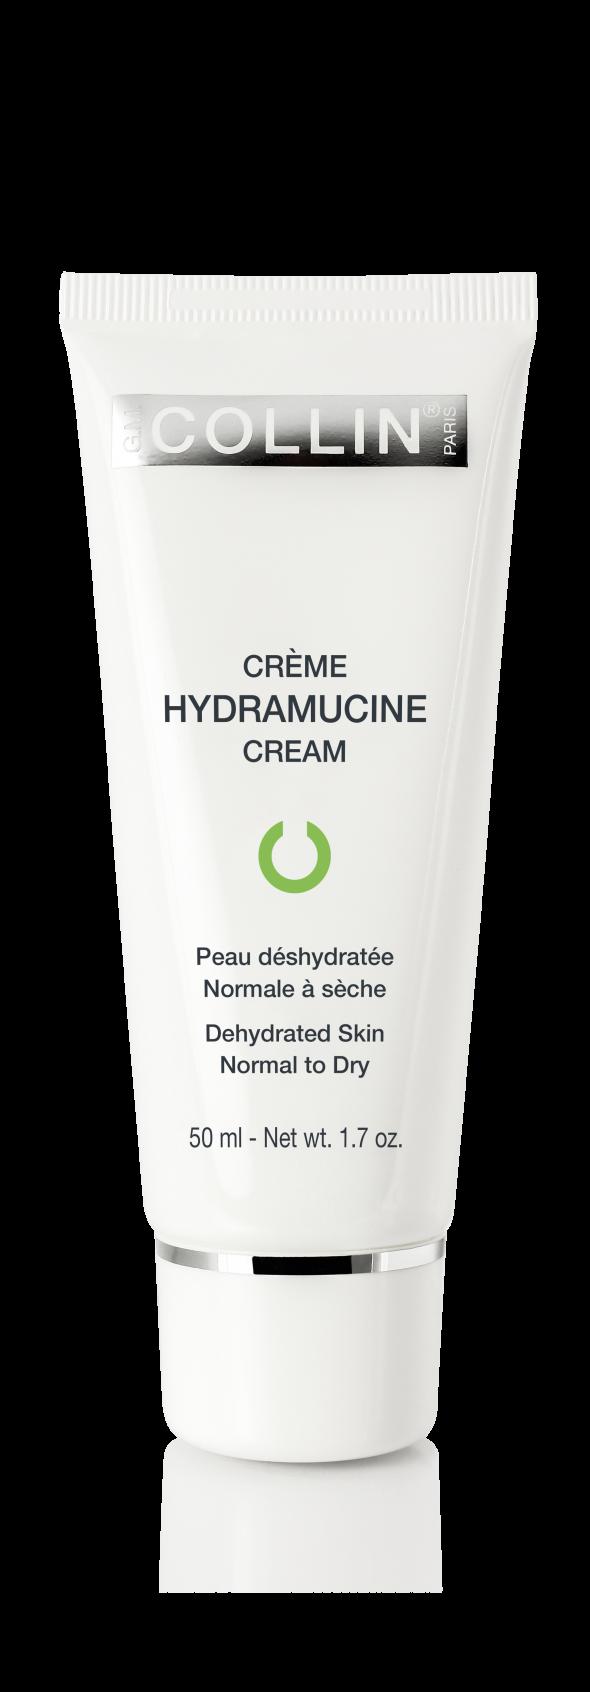 Creme Hydramucine